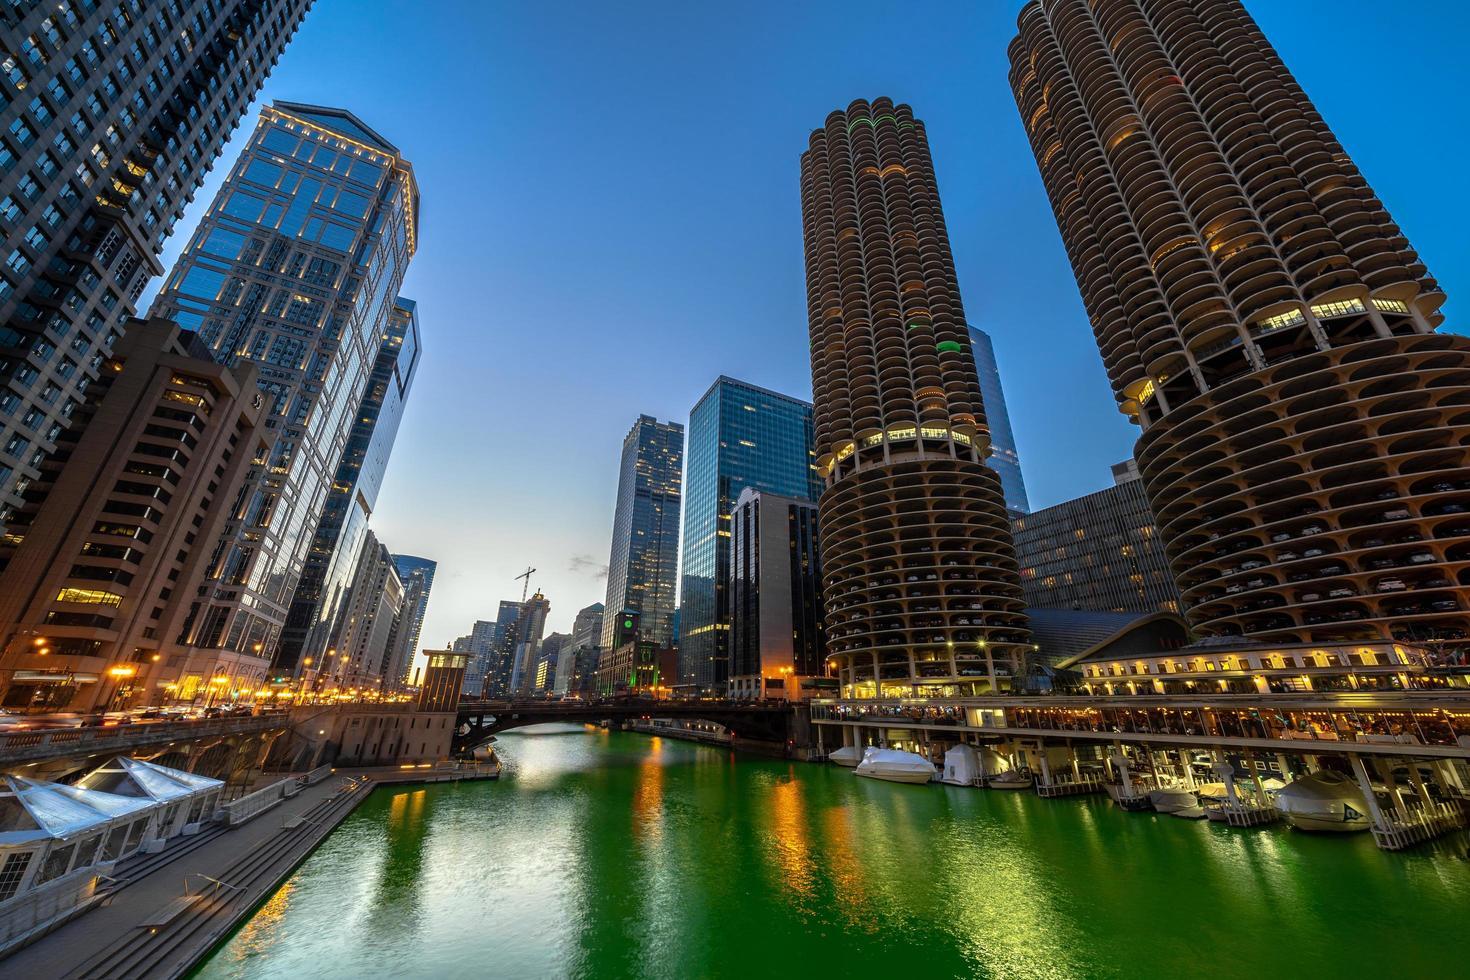 chicago Riverwalk stadsbilden flod sida vid skymningen. foto